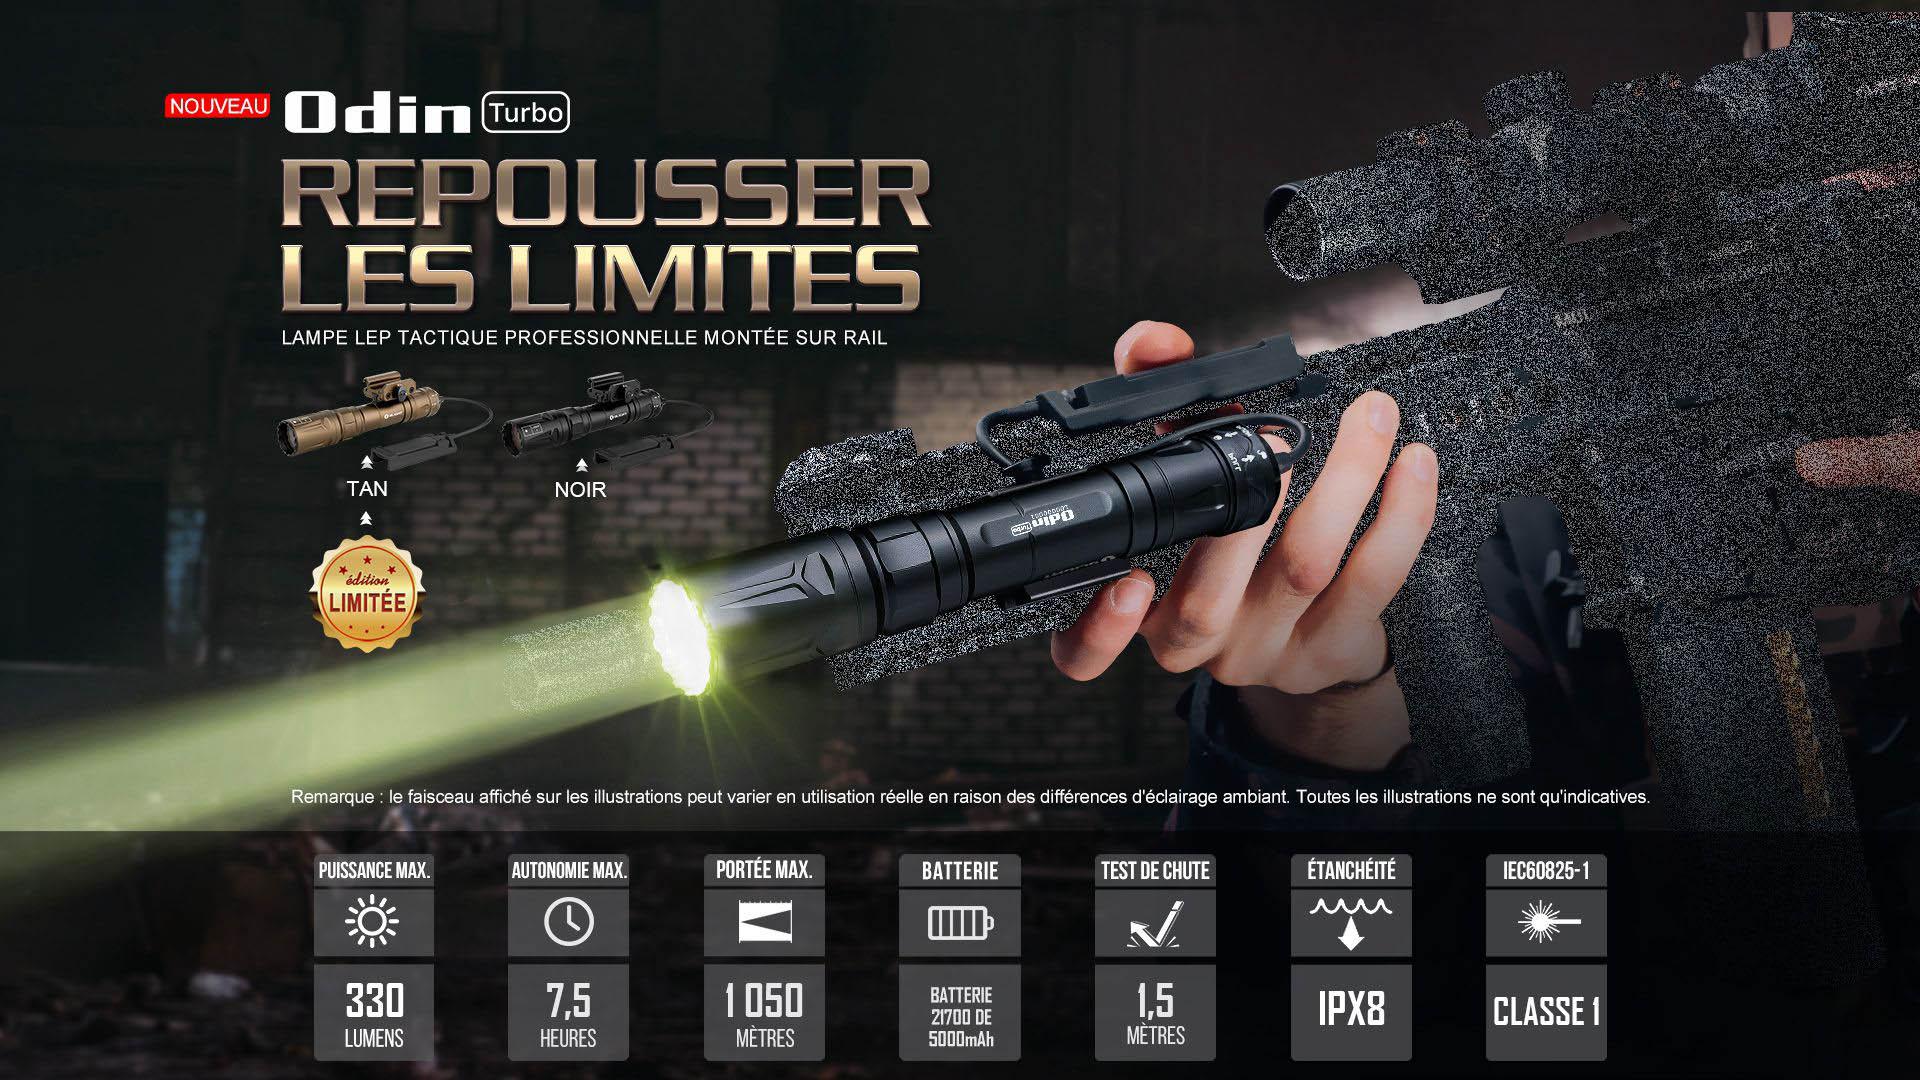 Odin Turbo lampe torche laser lep longue portée